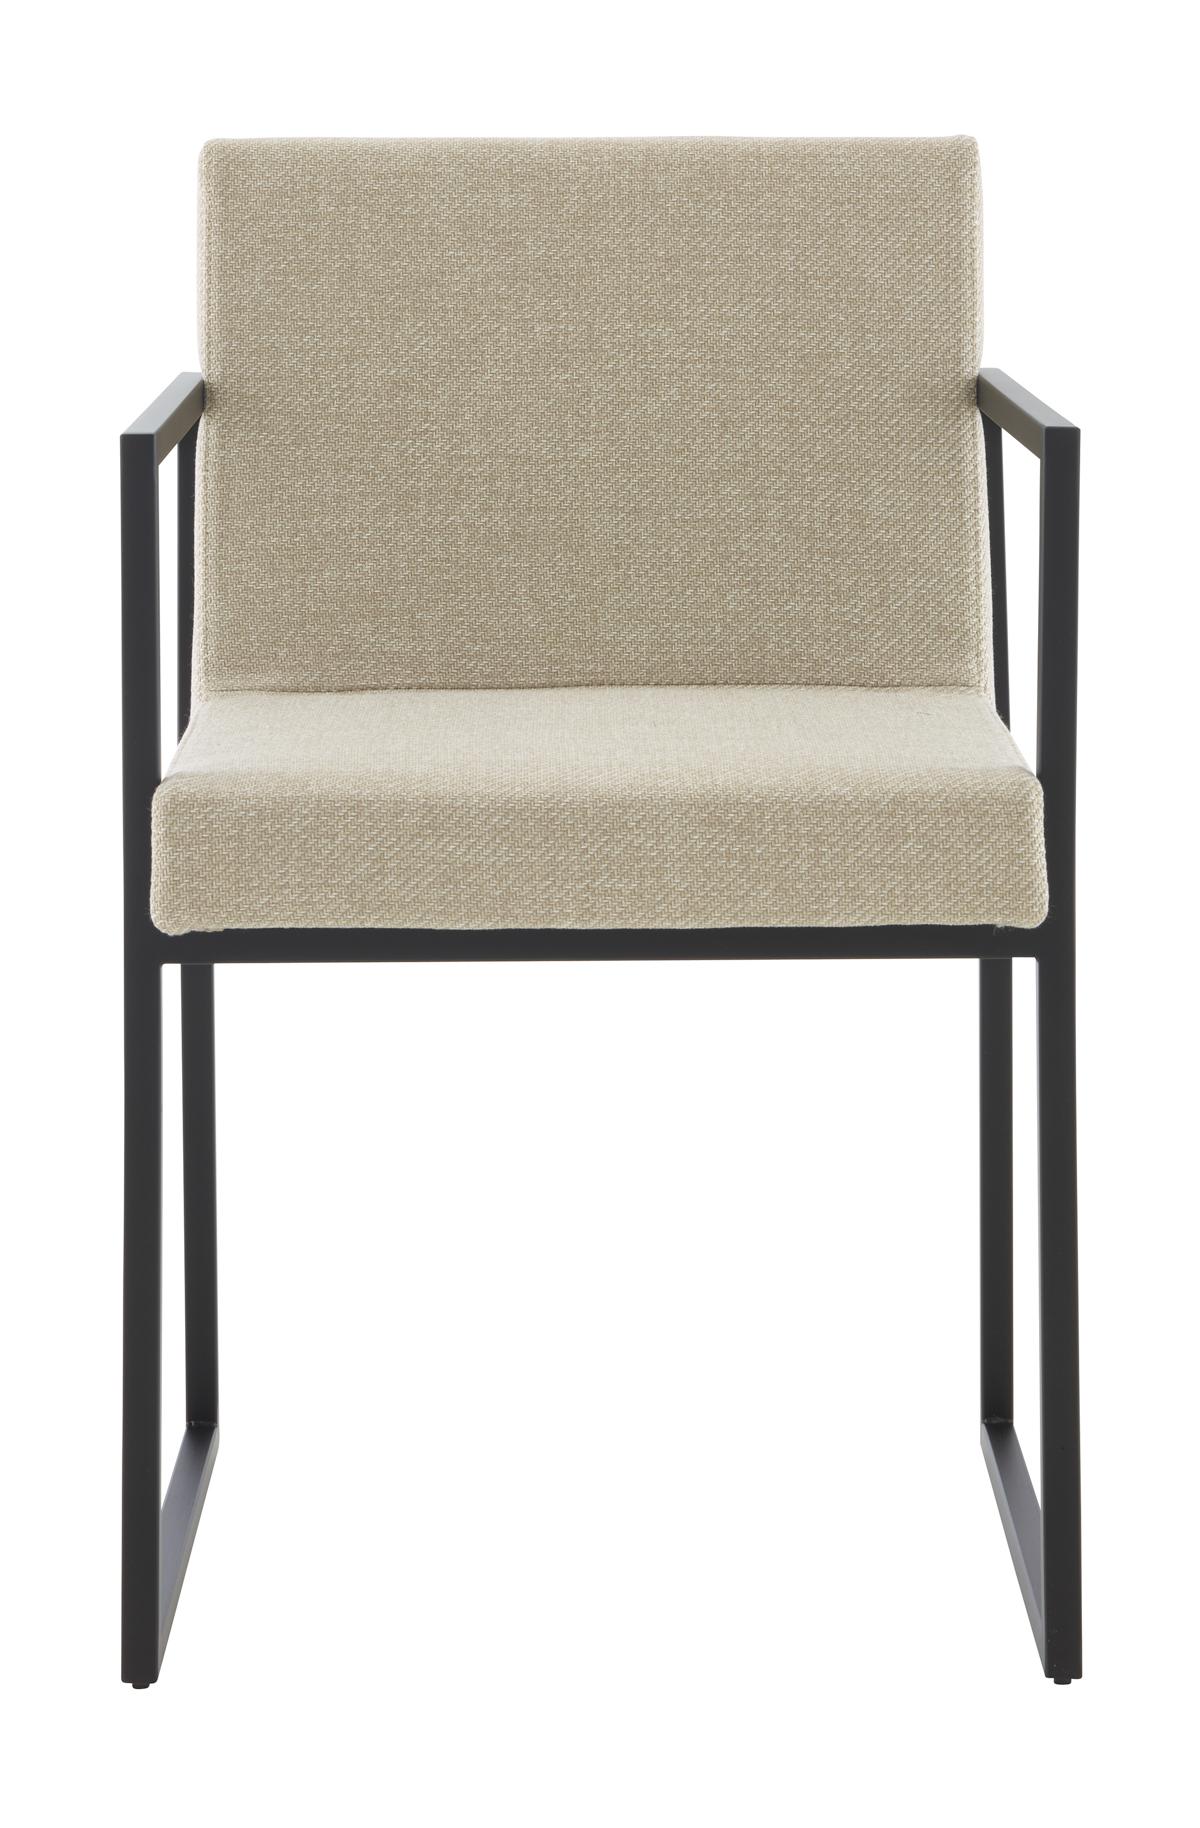 iso marischristine dorner 4 design milk. Black Bedroom Furniture Sets. Home Design Ideas